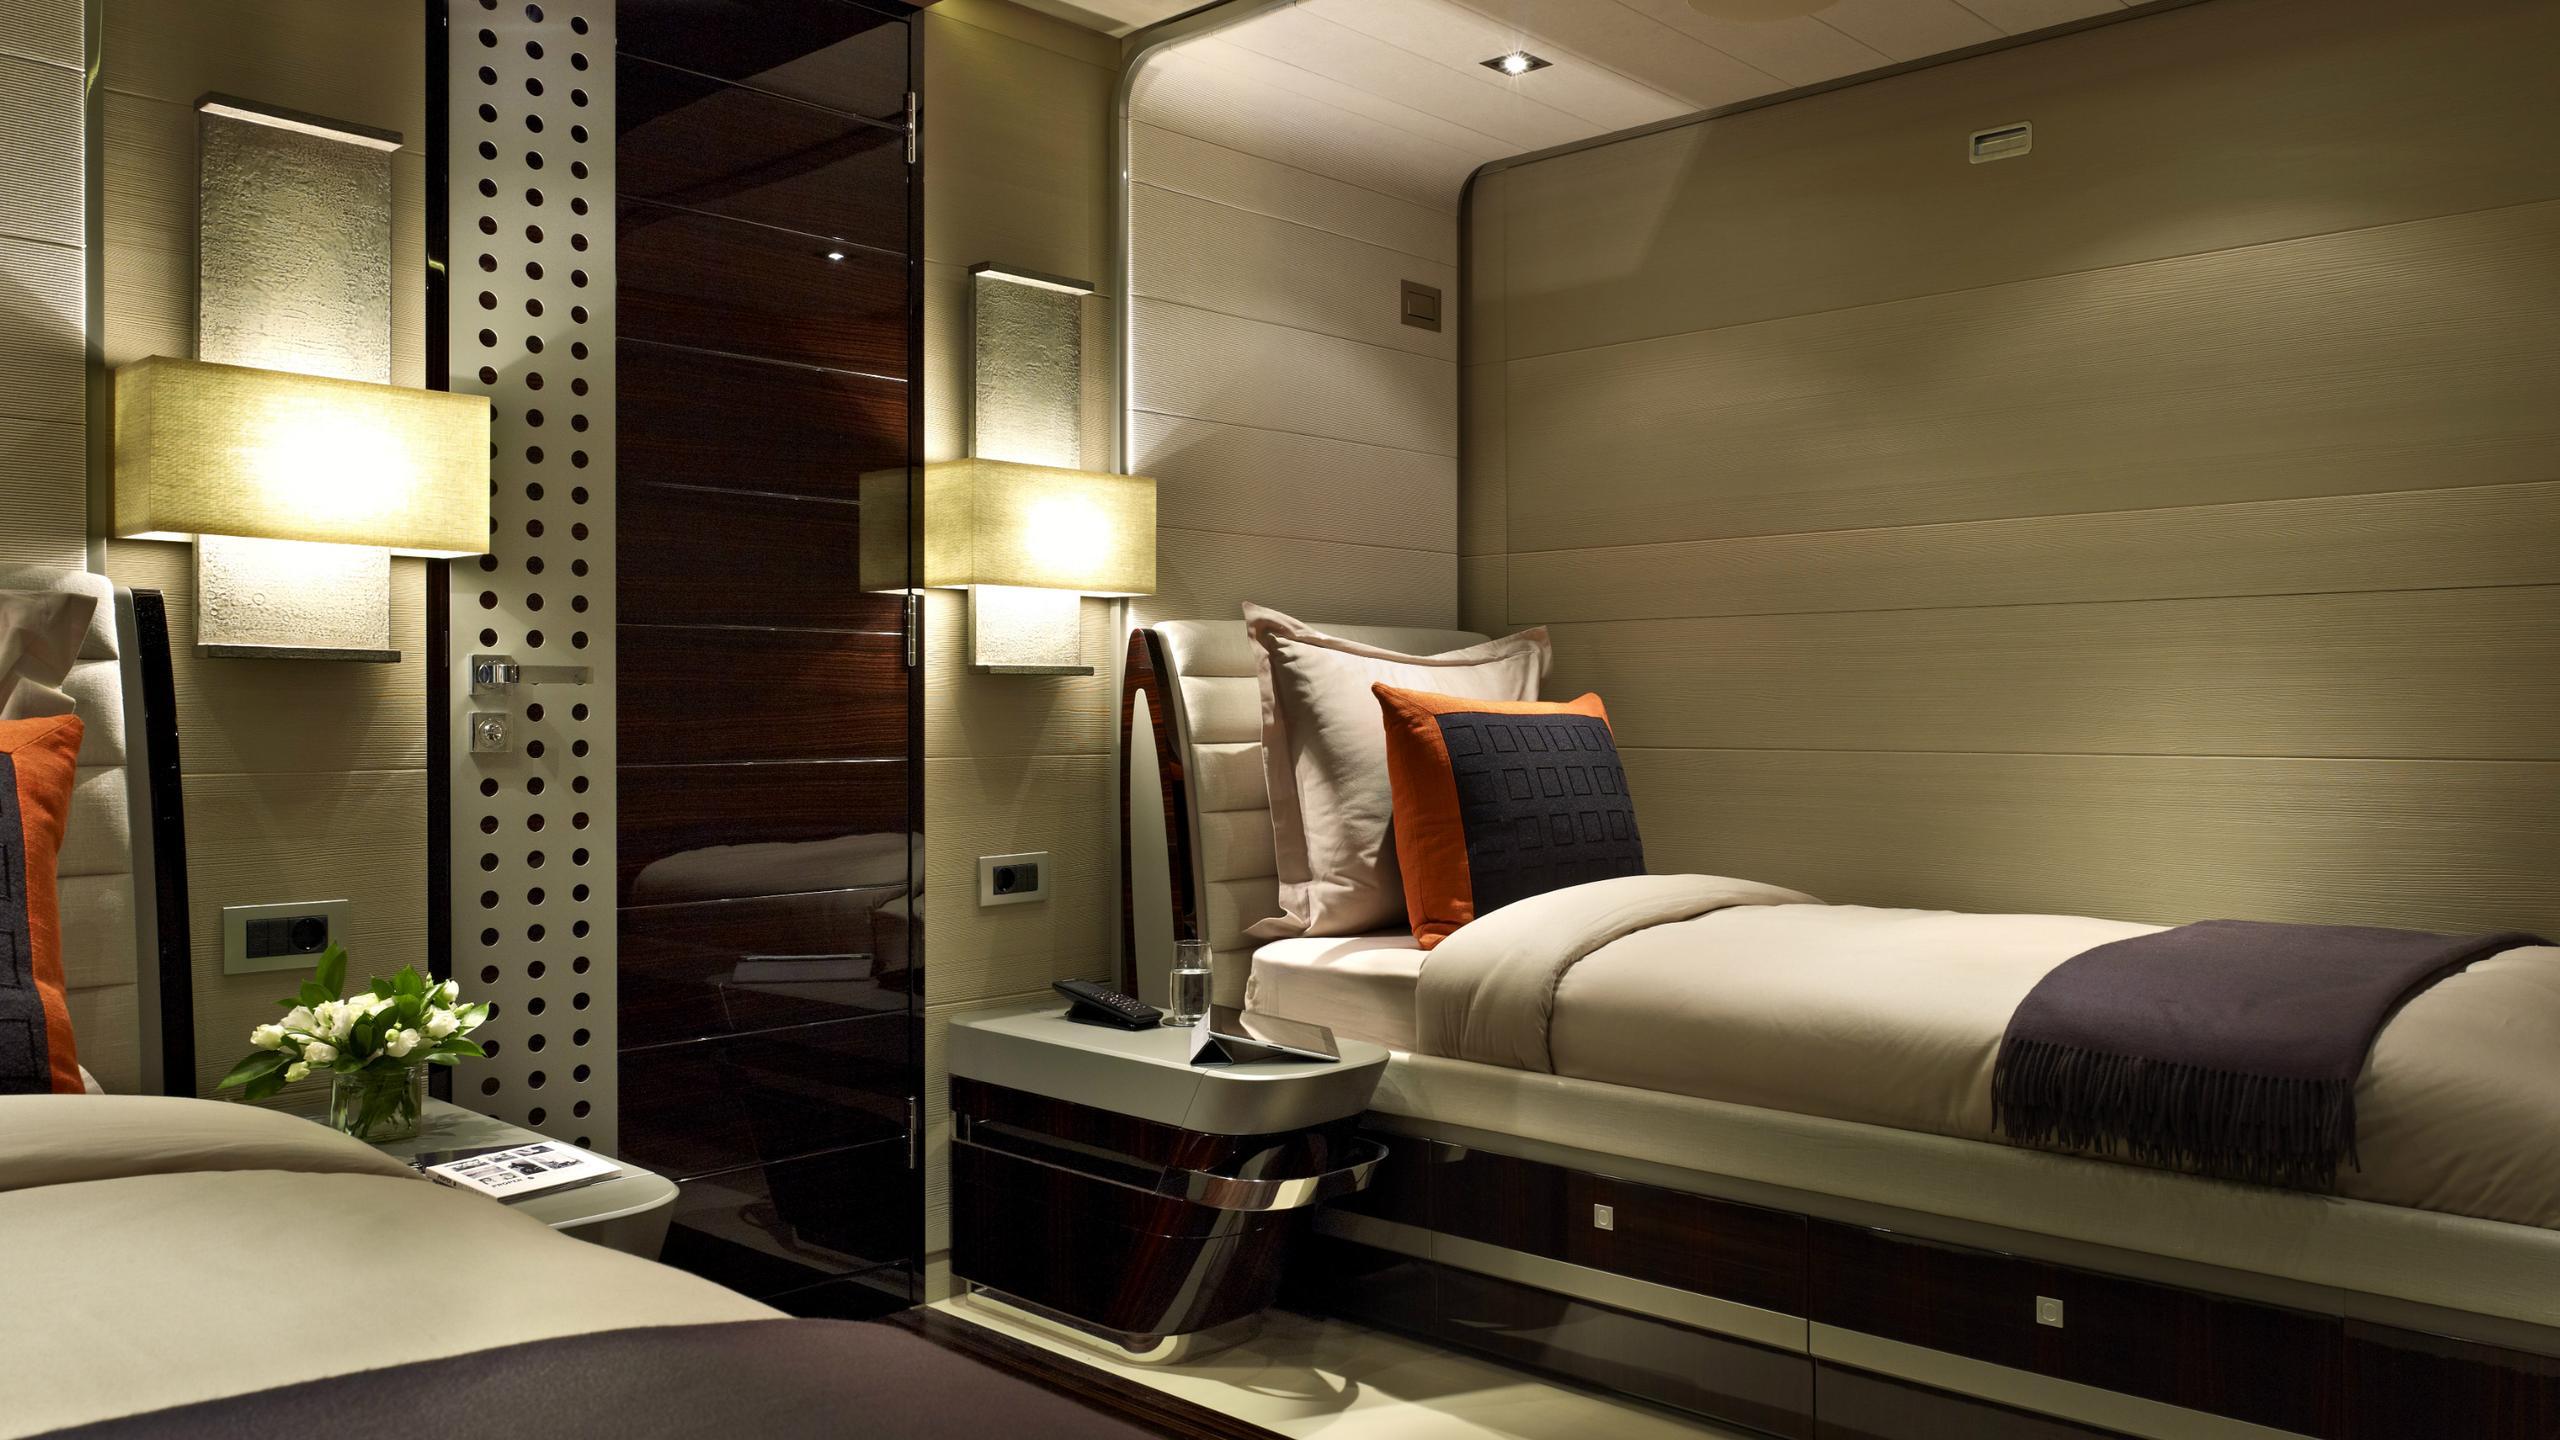 odyssea-como-lady-petra-motor-yacht-heesen-2012-47m-half-room